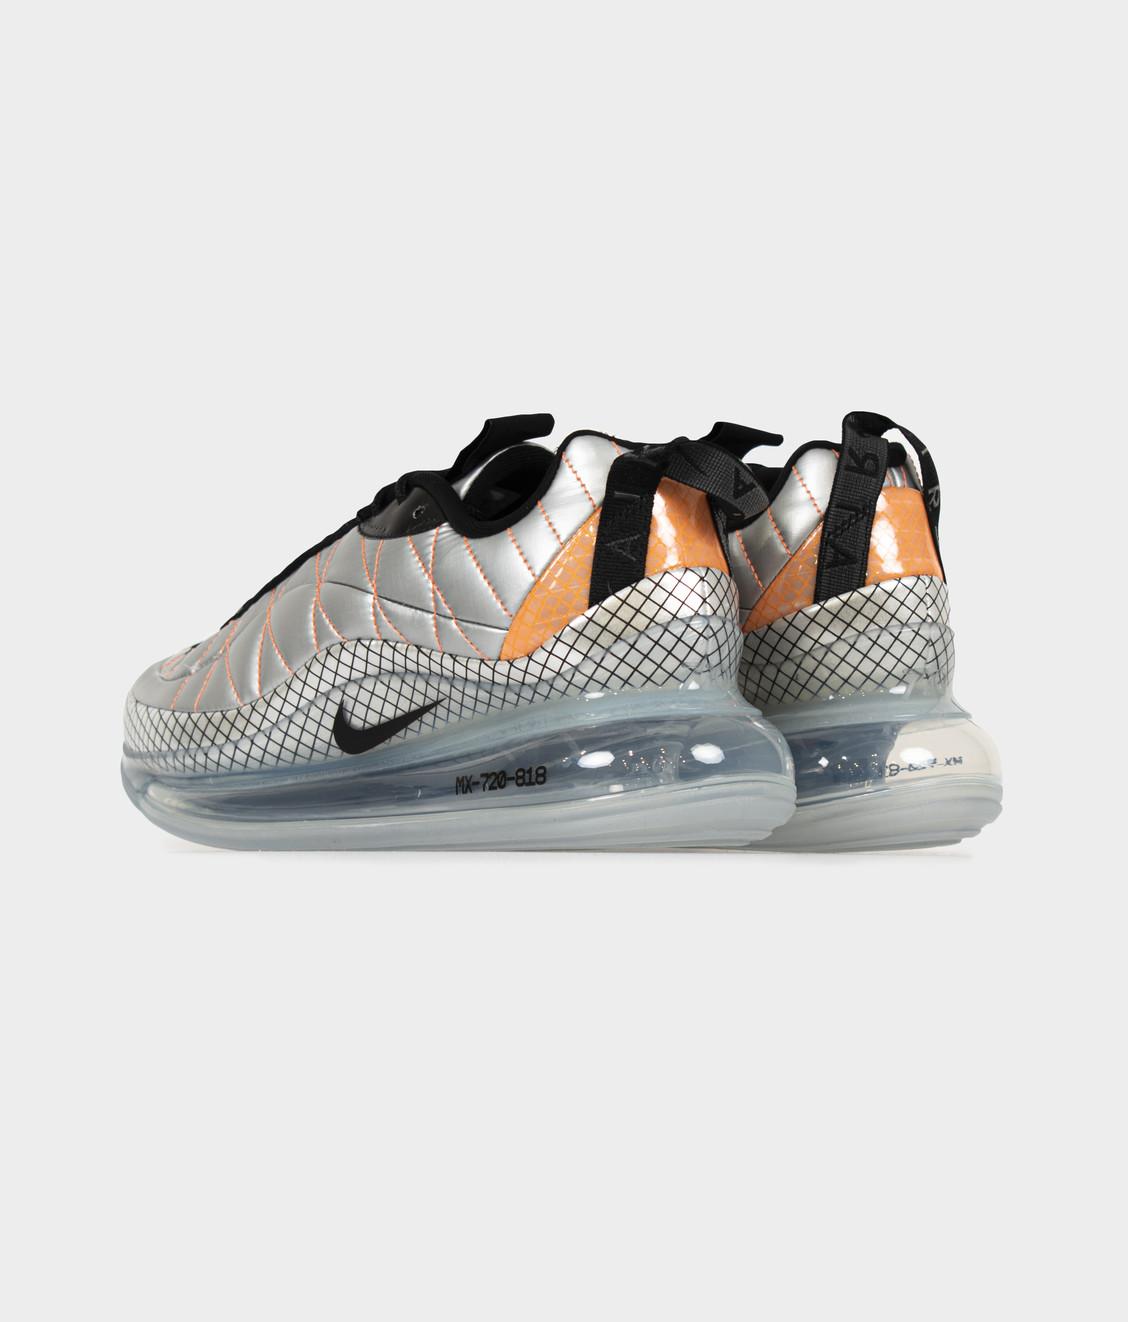 Nike Nike W MX-720-818 Metallic Silver